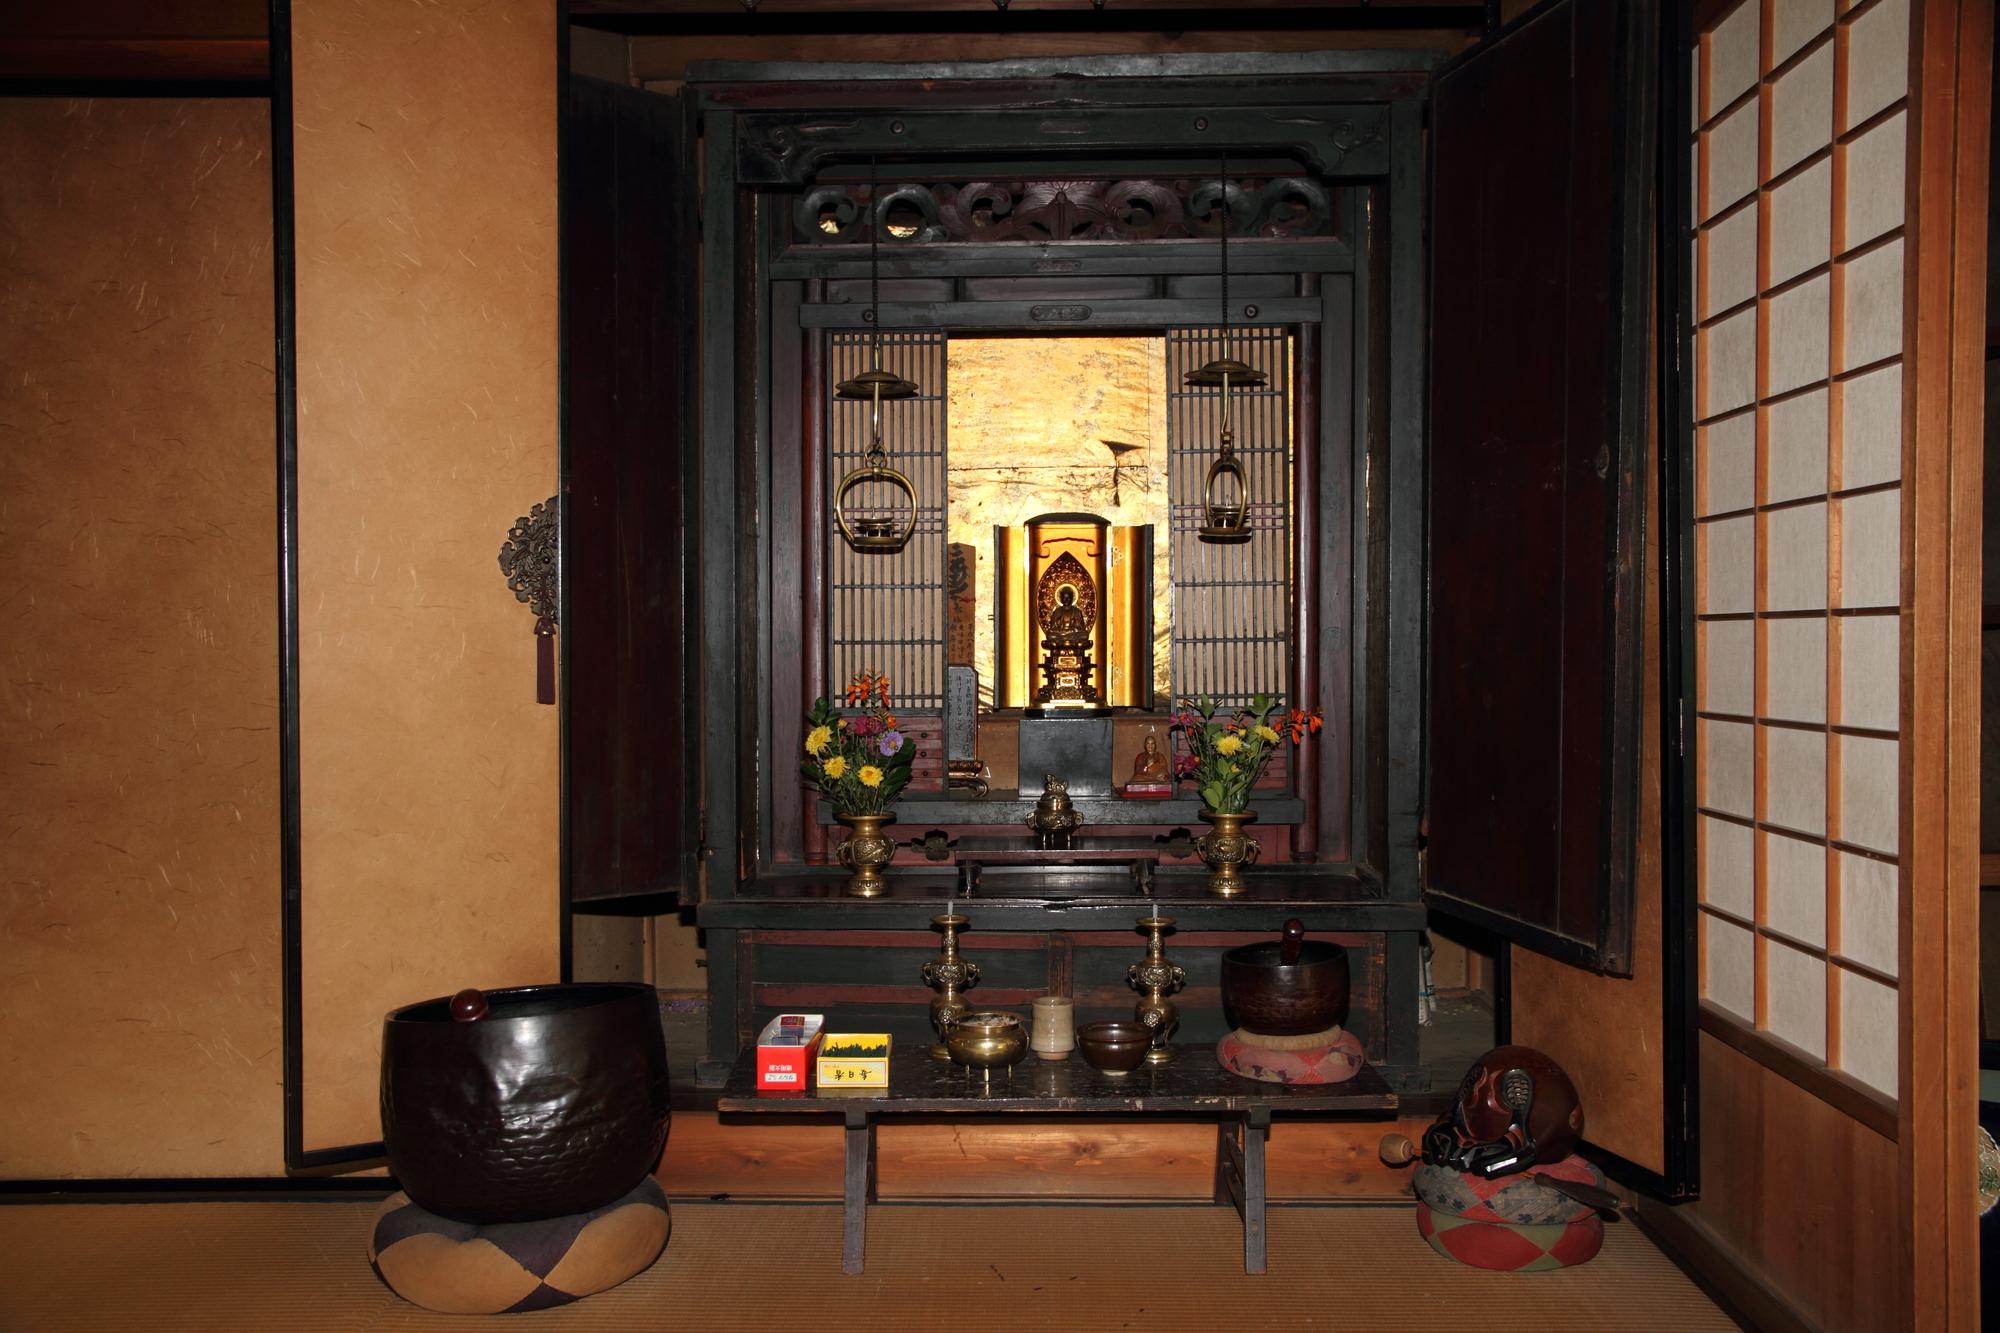 画像マネセツ095(草川)/仏壇の価格や価値